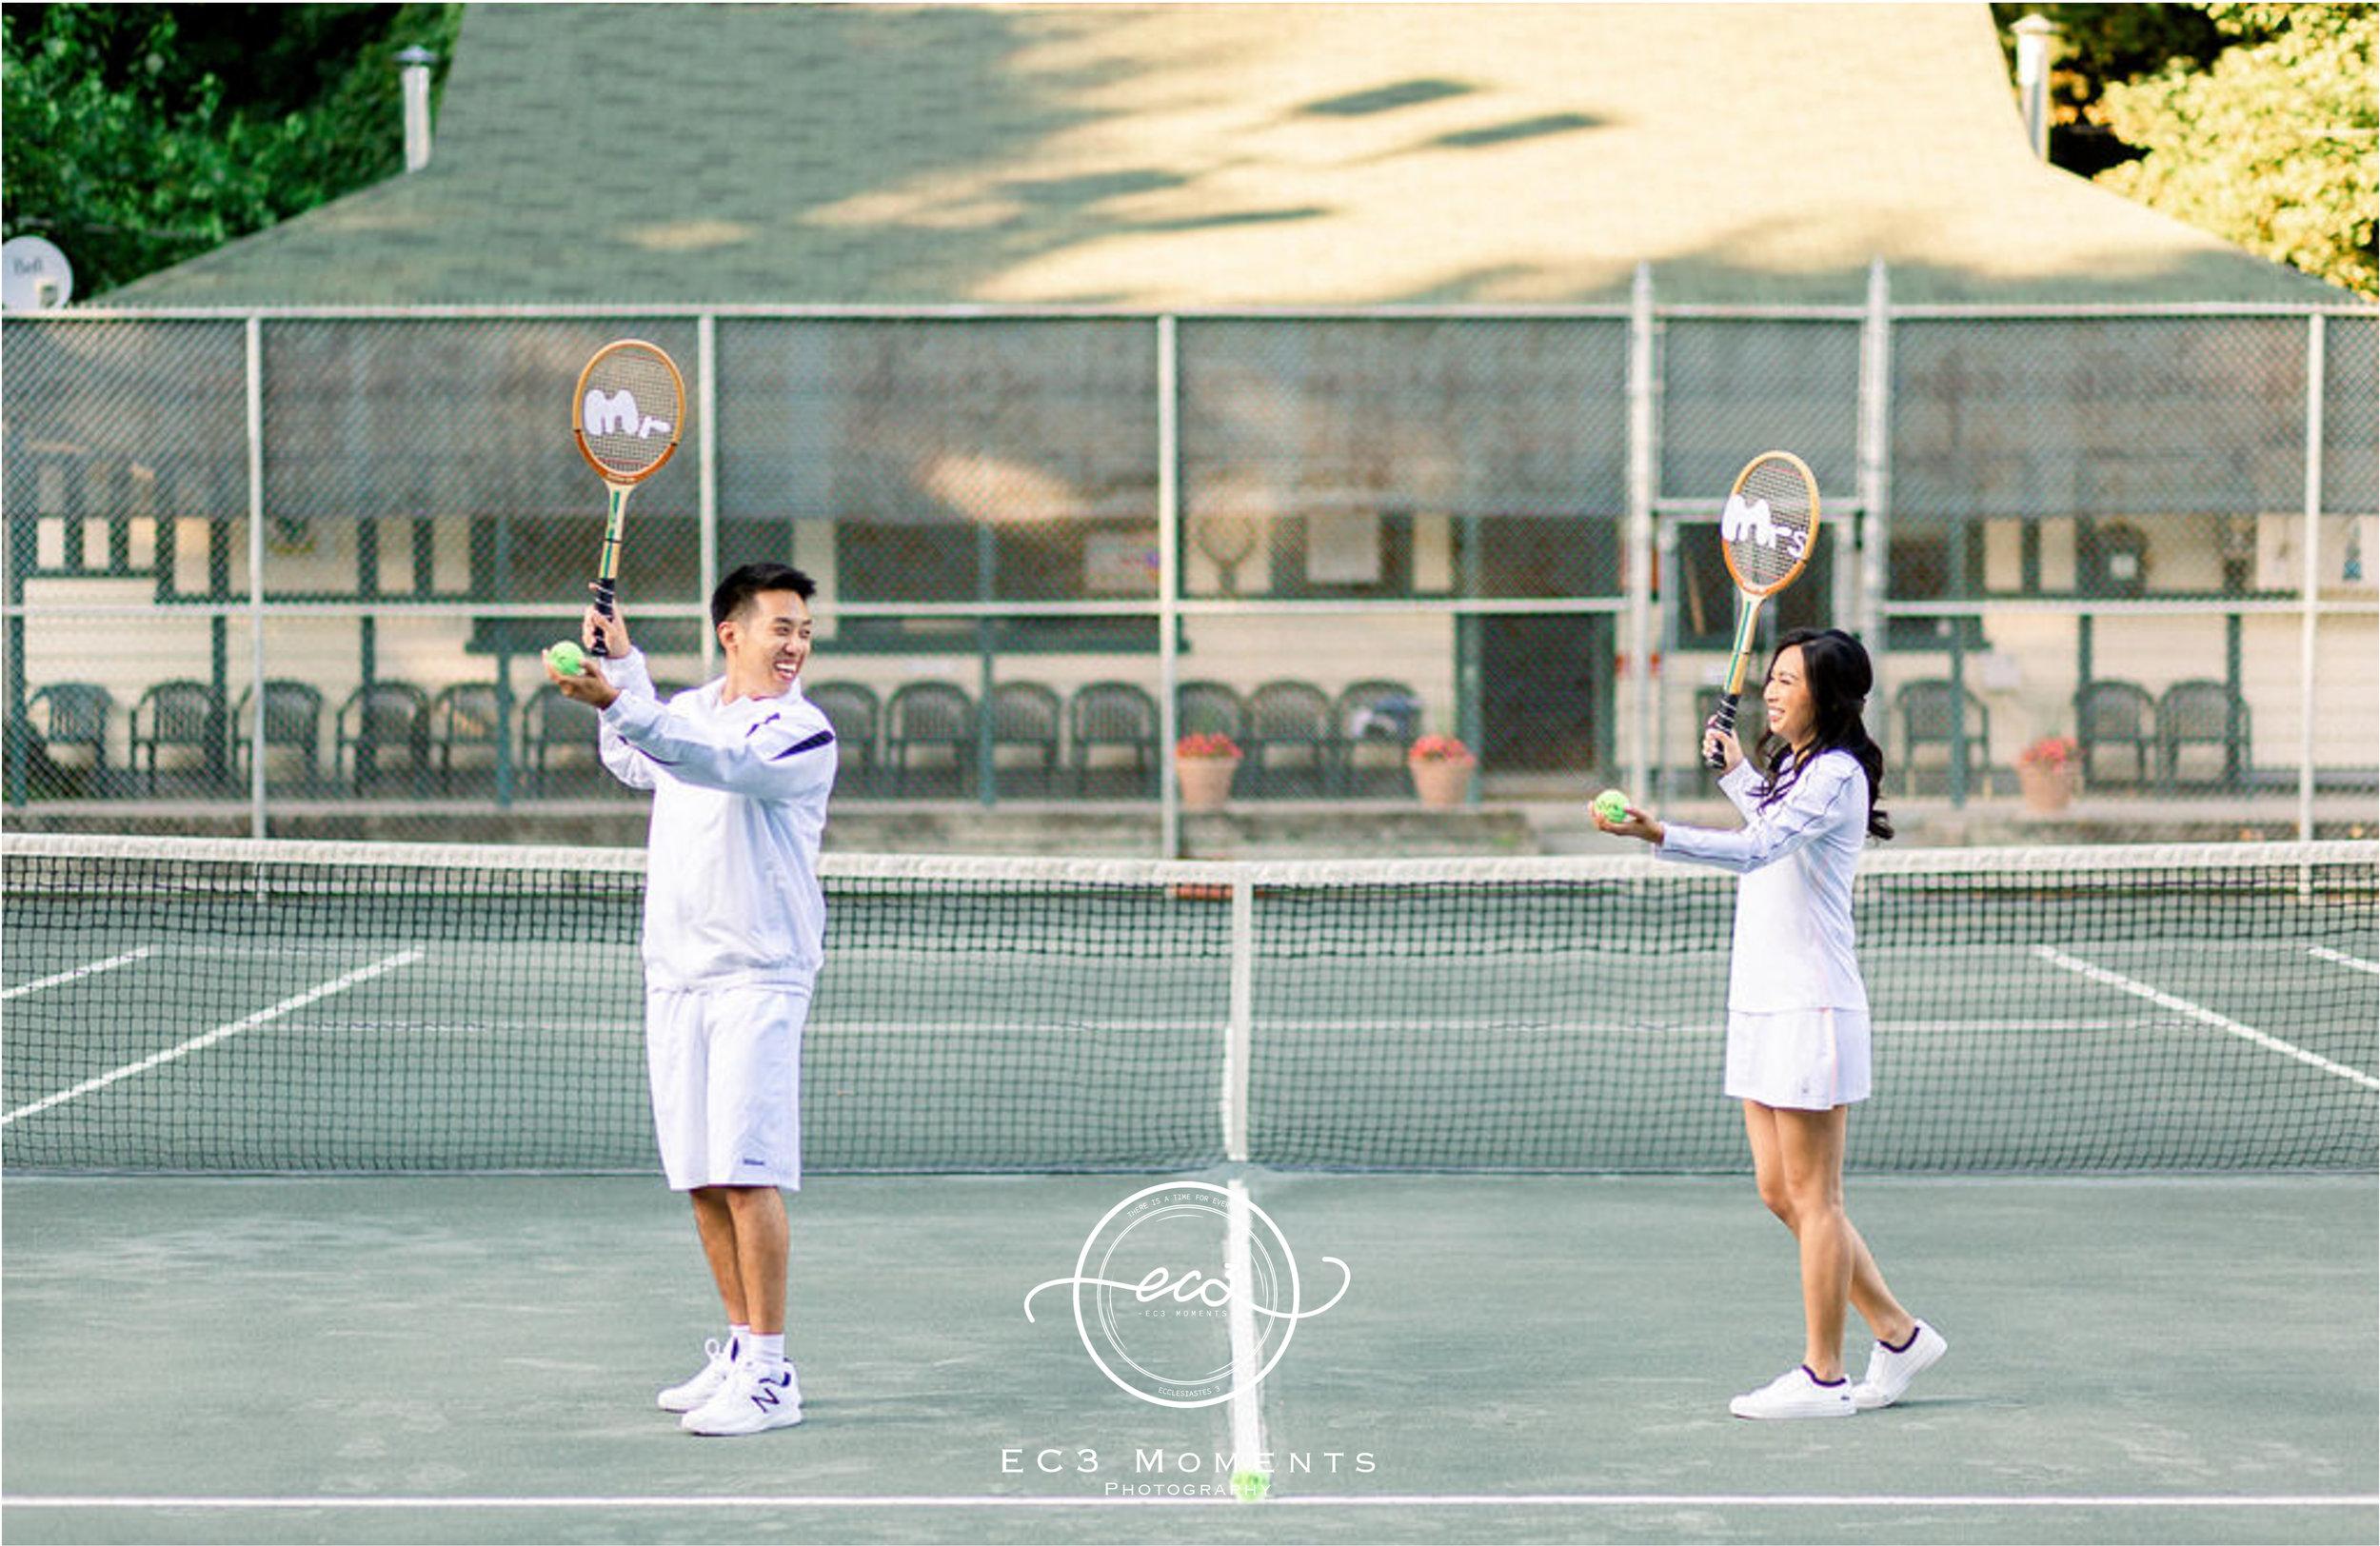 Alexander Muir Memorial Gardens Tennis Court Toronto Engagement 14.jpg